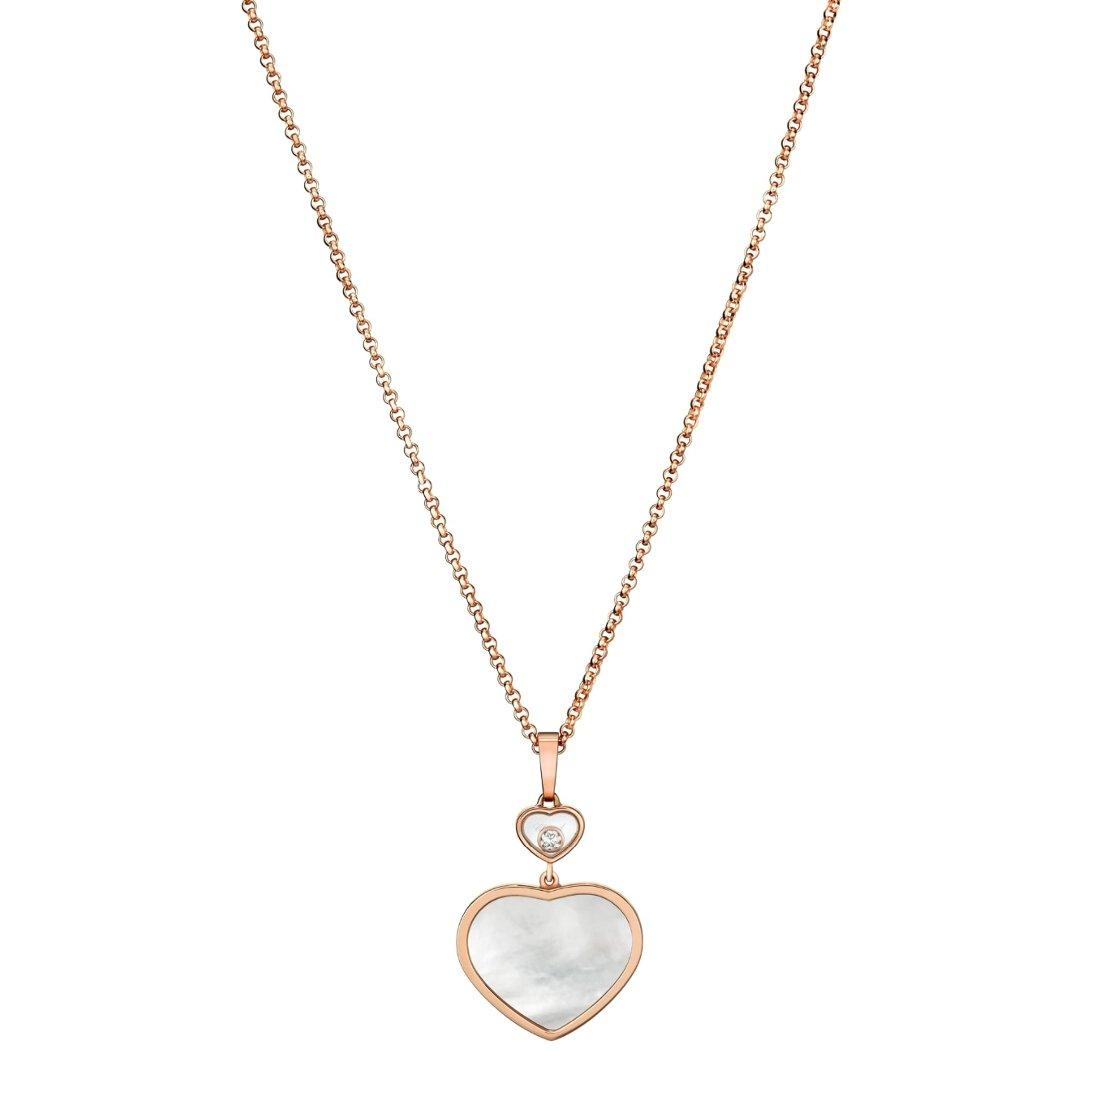 Collier Chopard Happy Hearts en or rose et nacre vue 1